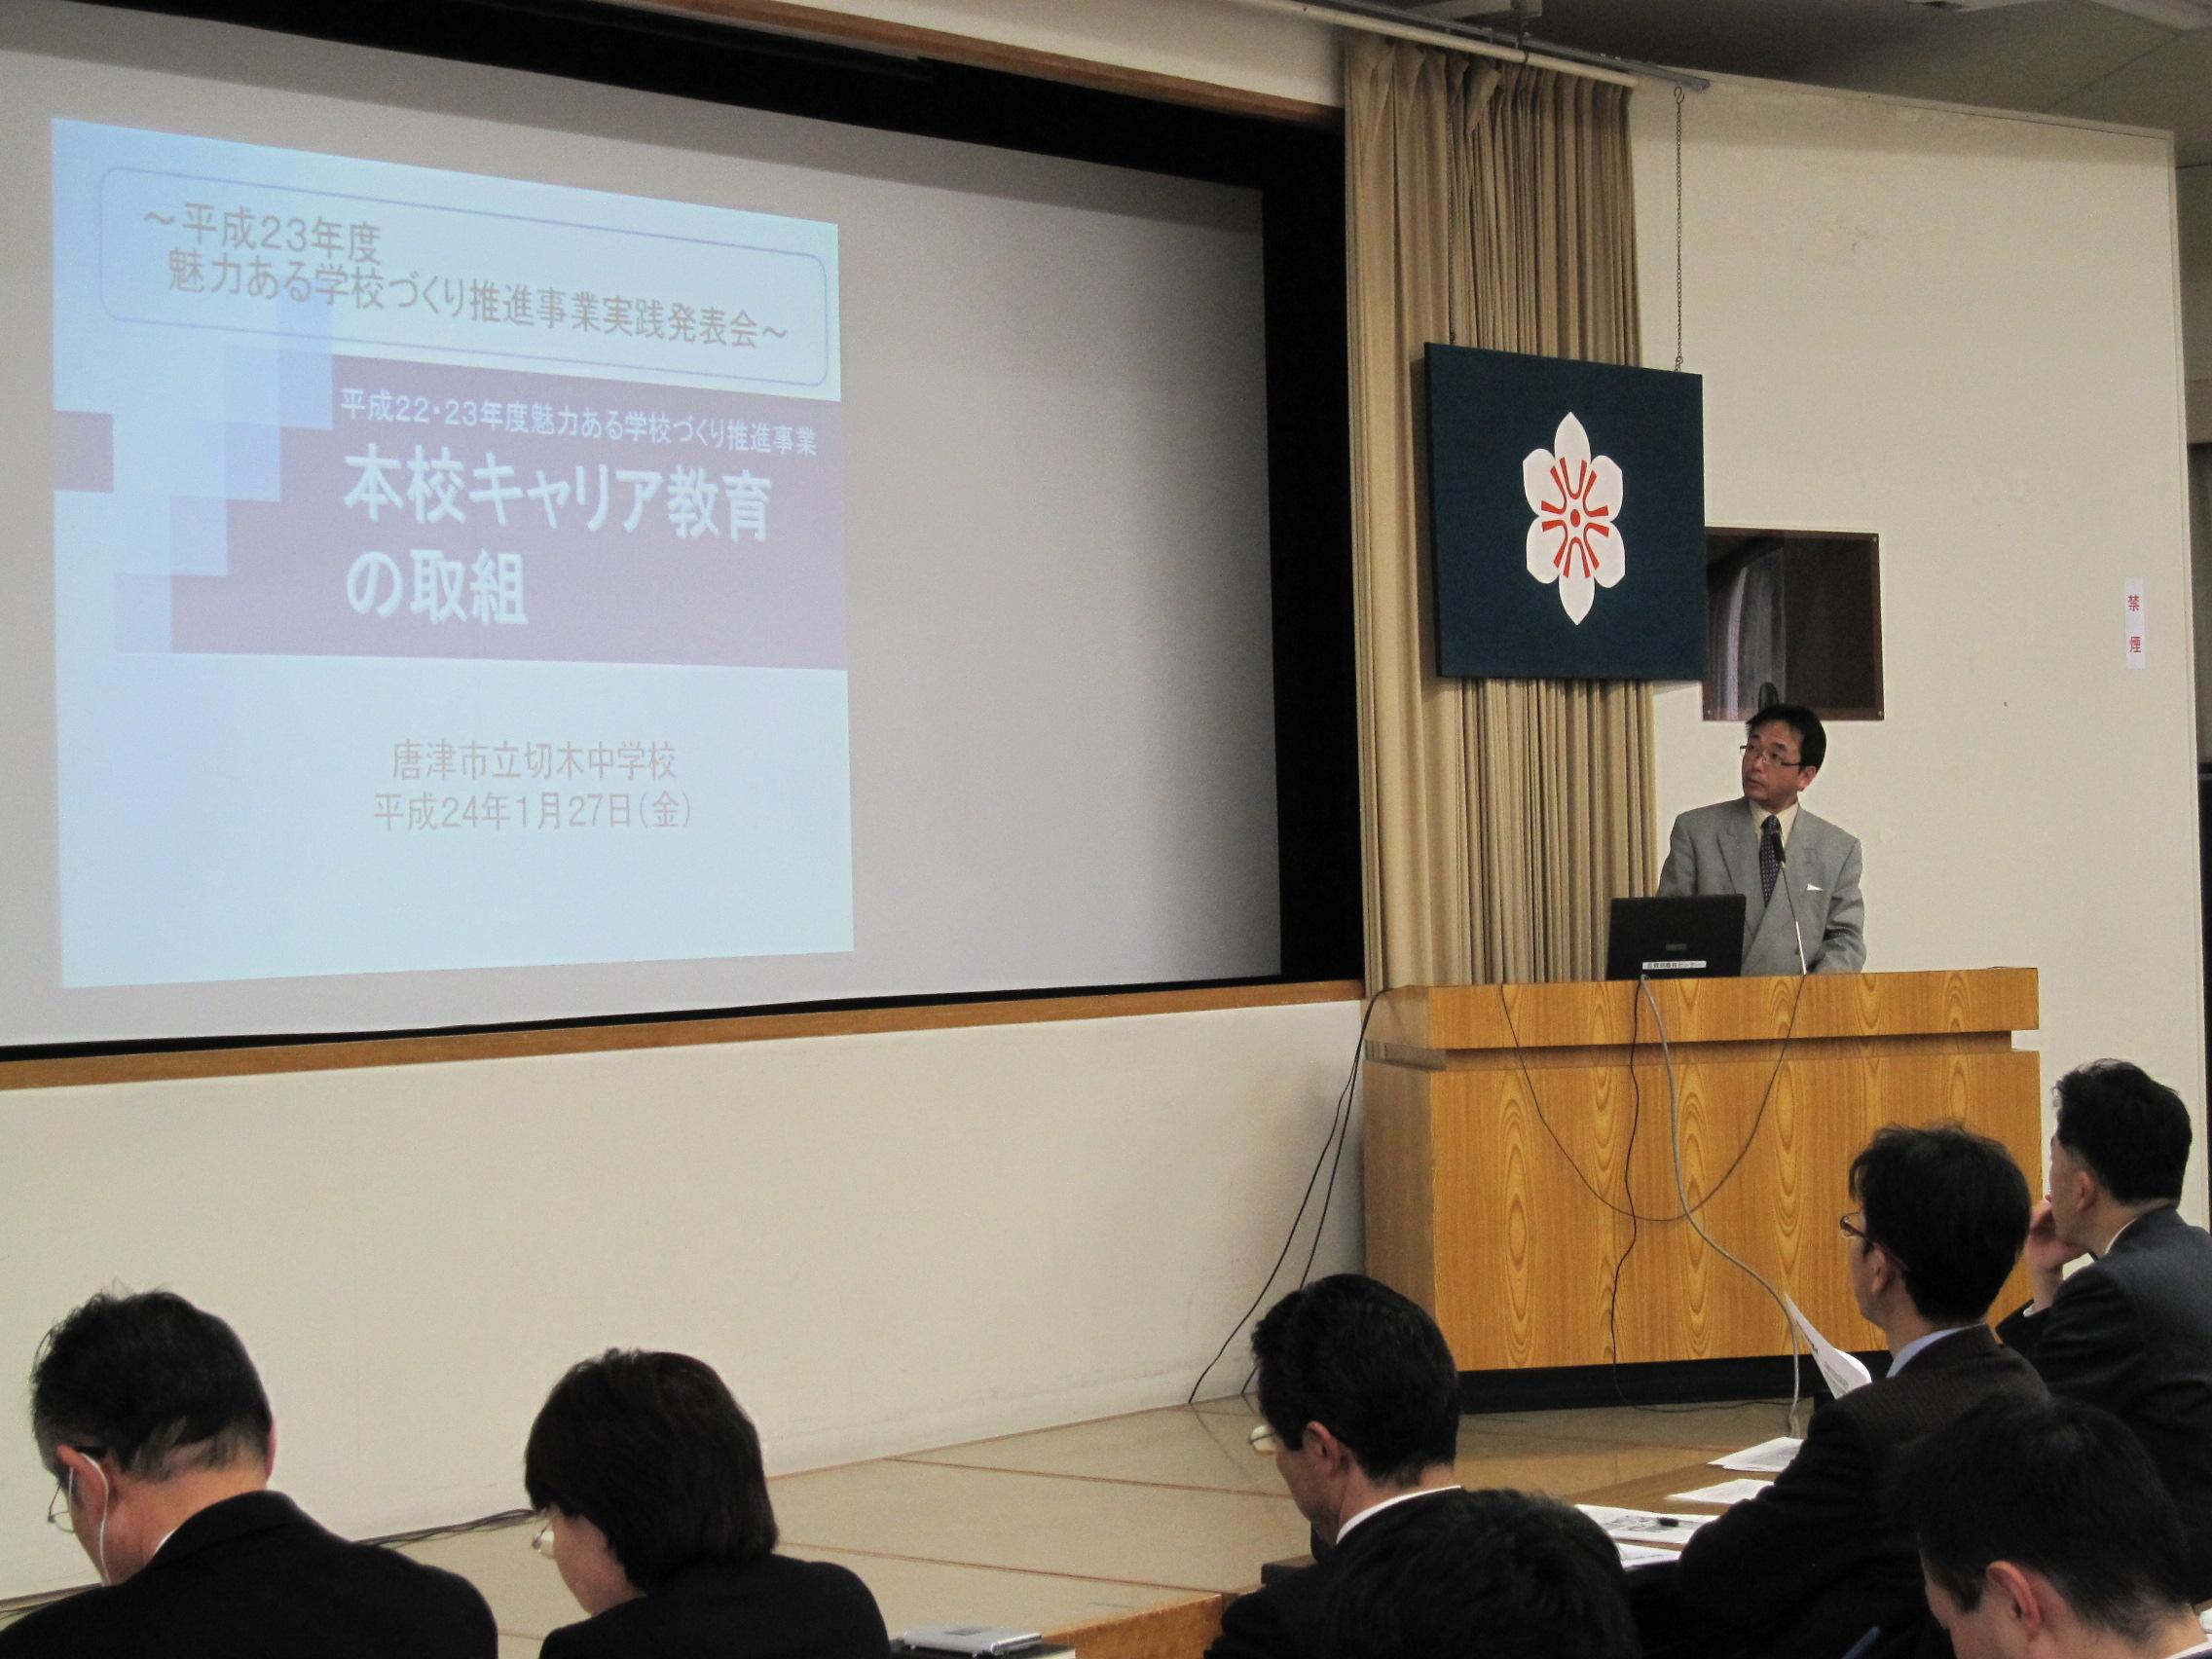 사진:실천 발표의 모습(기리고 중학교)